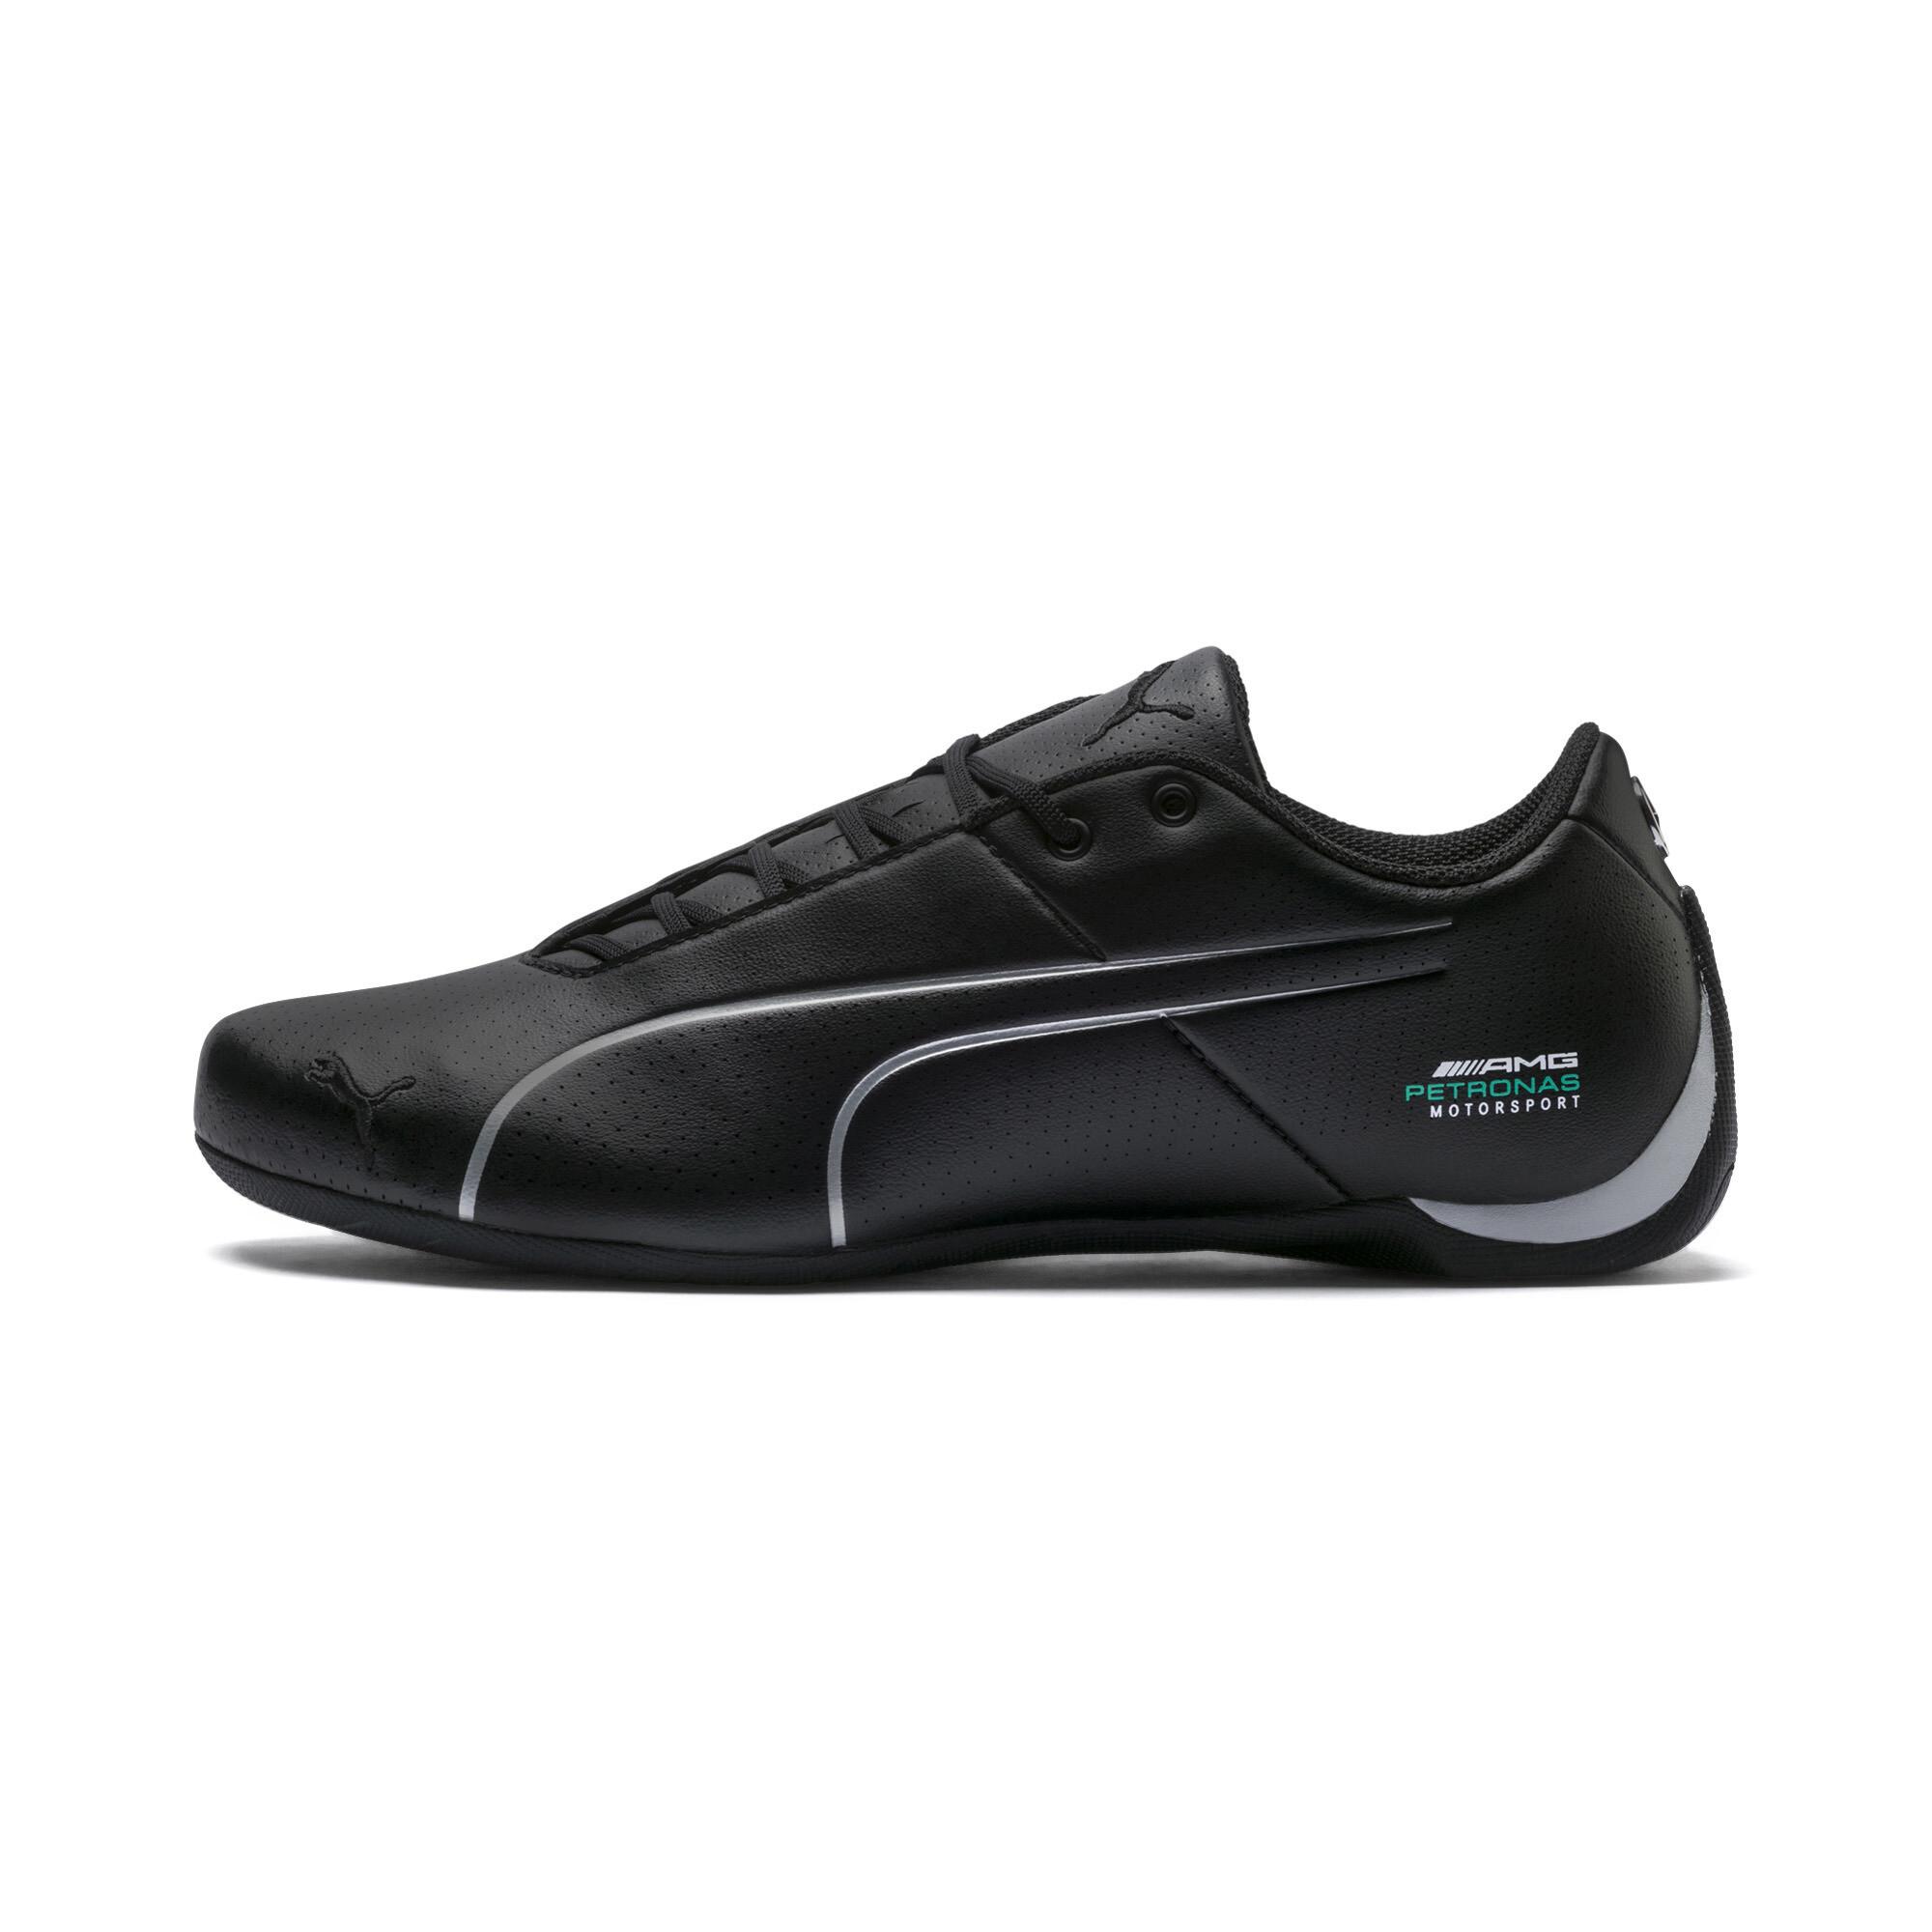 Indexbild 21 - PUMA MERCEDES AMG PETRONAS Future Cat Ultra Sneaker Unisex Schuhe Neu